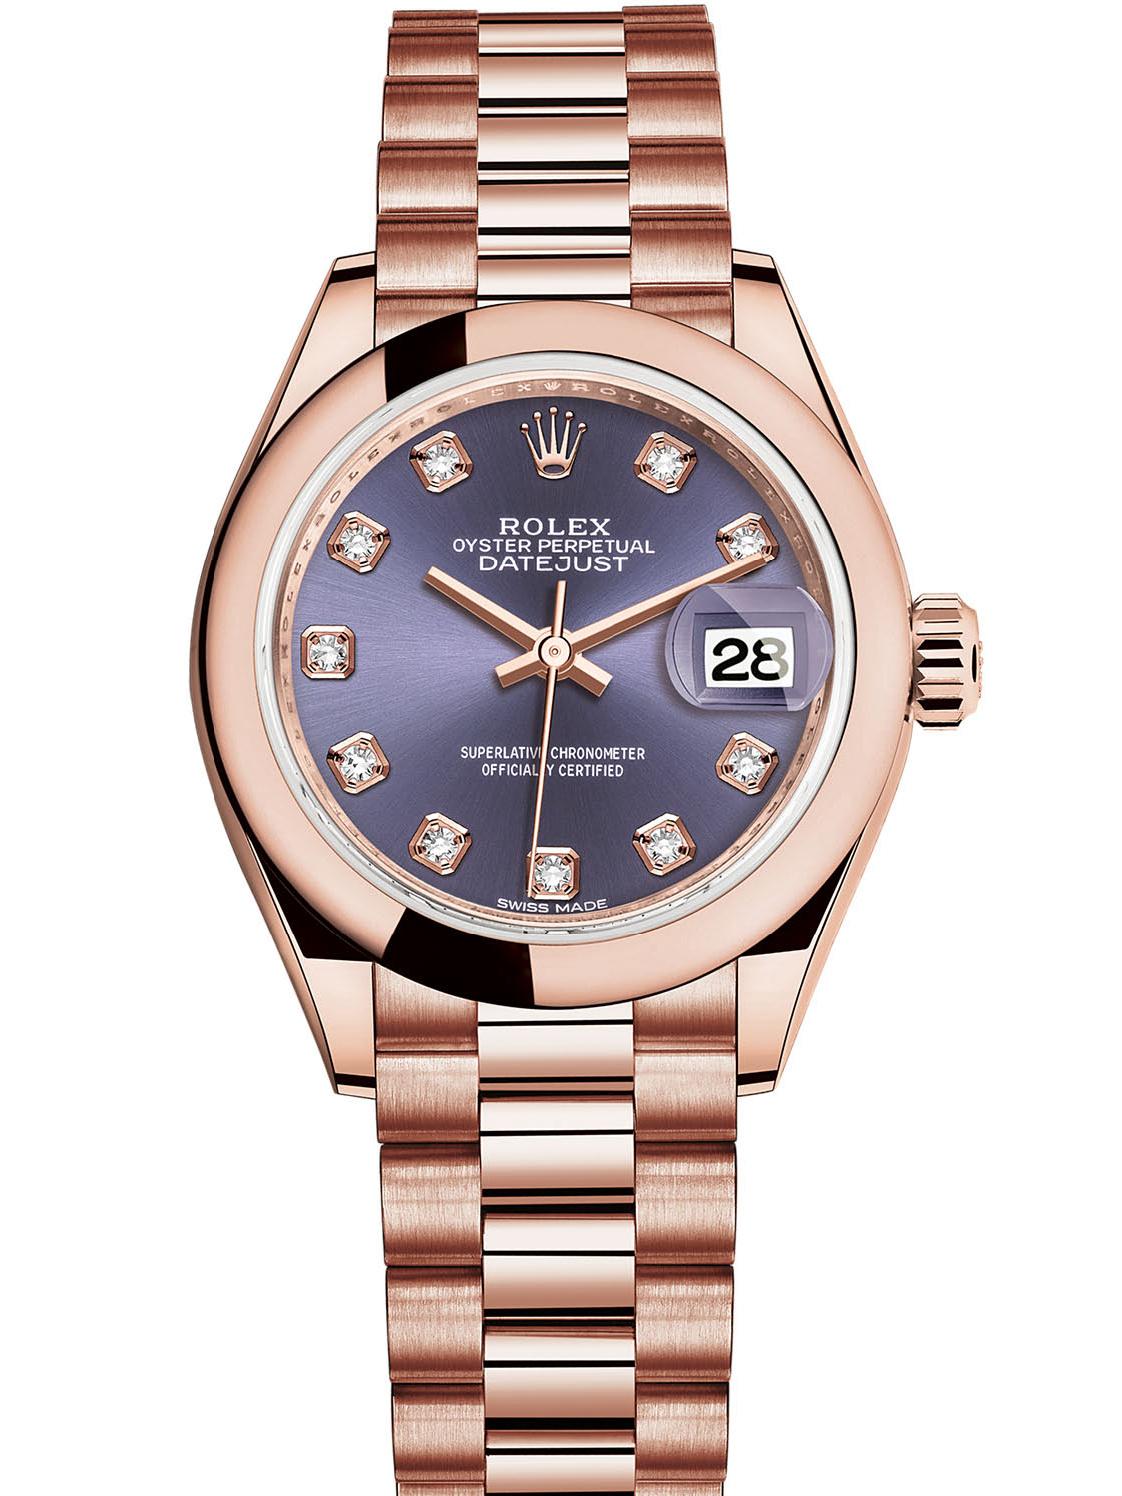 劳力士女装日志型28玫瑰金紫面钻标女表279165-0019